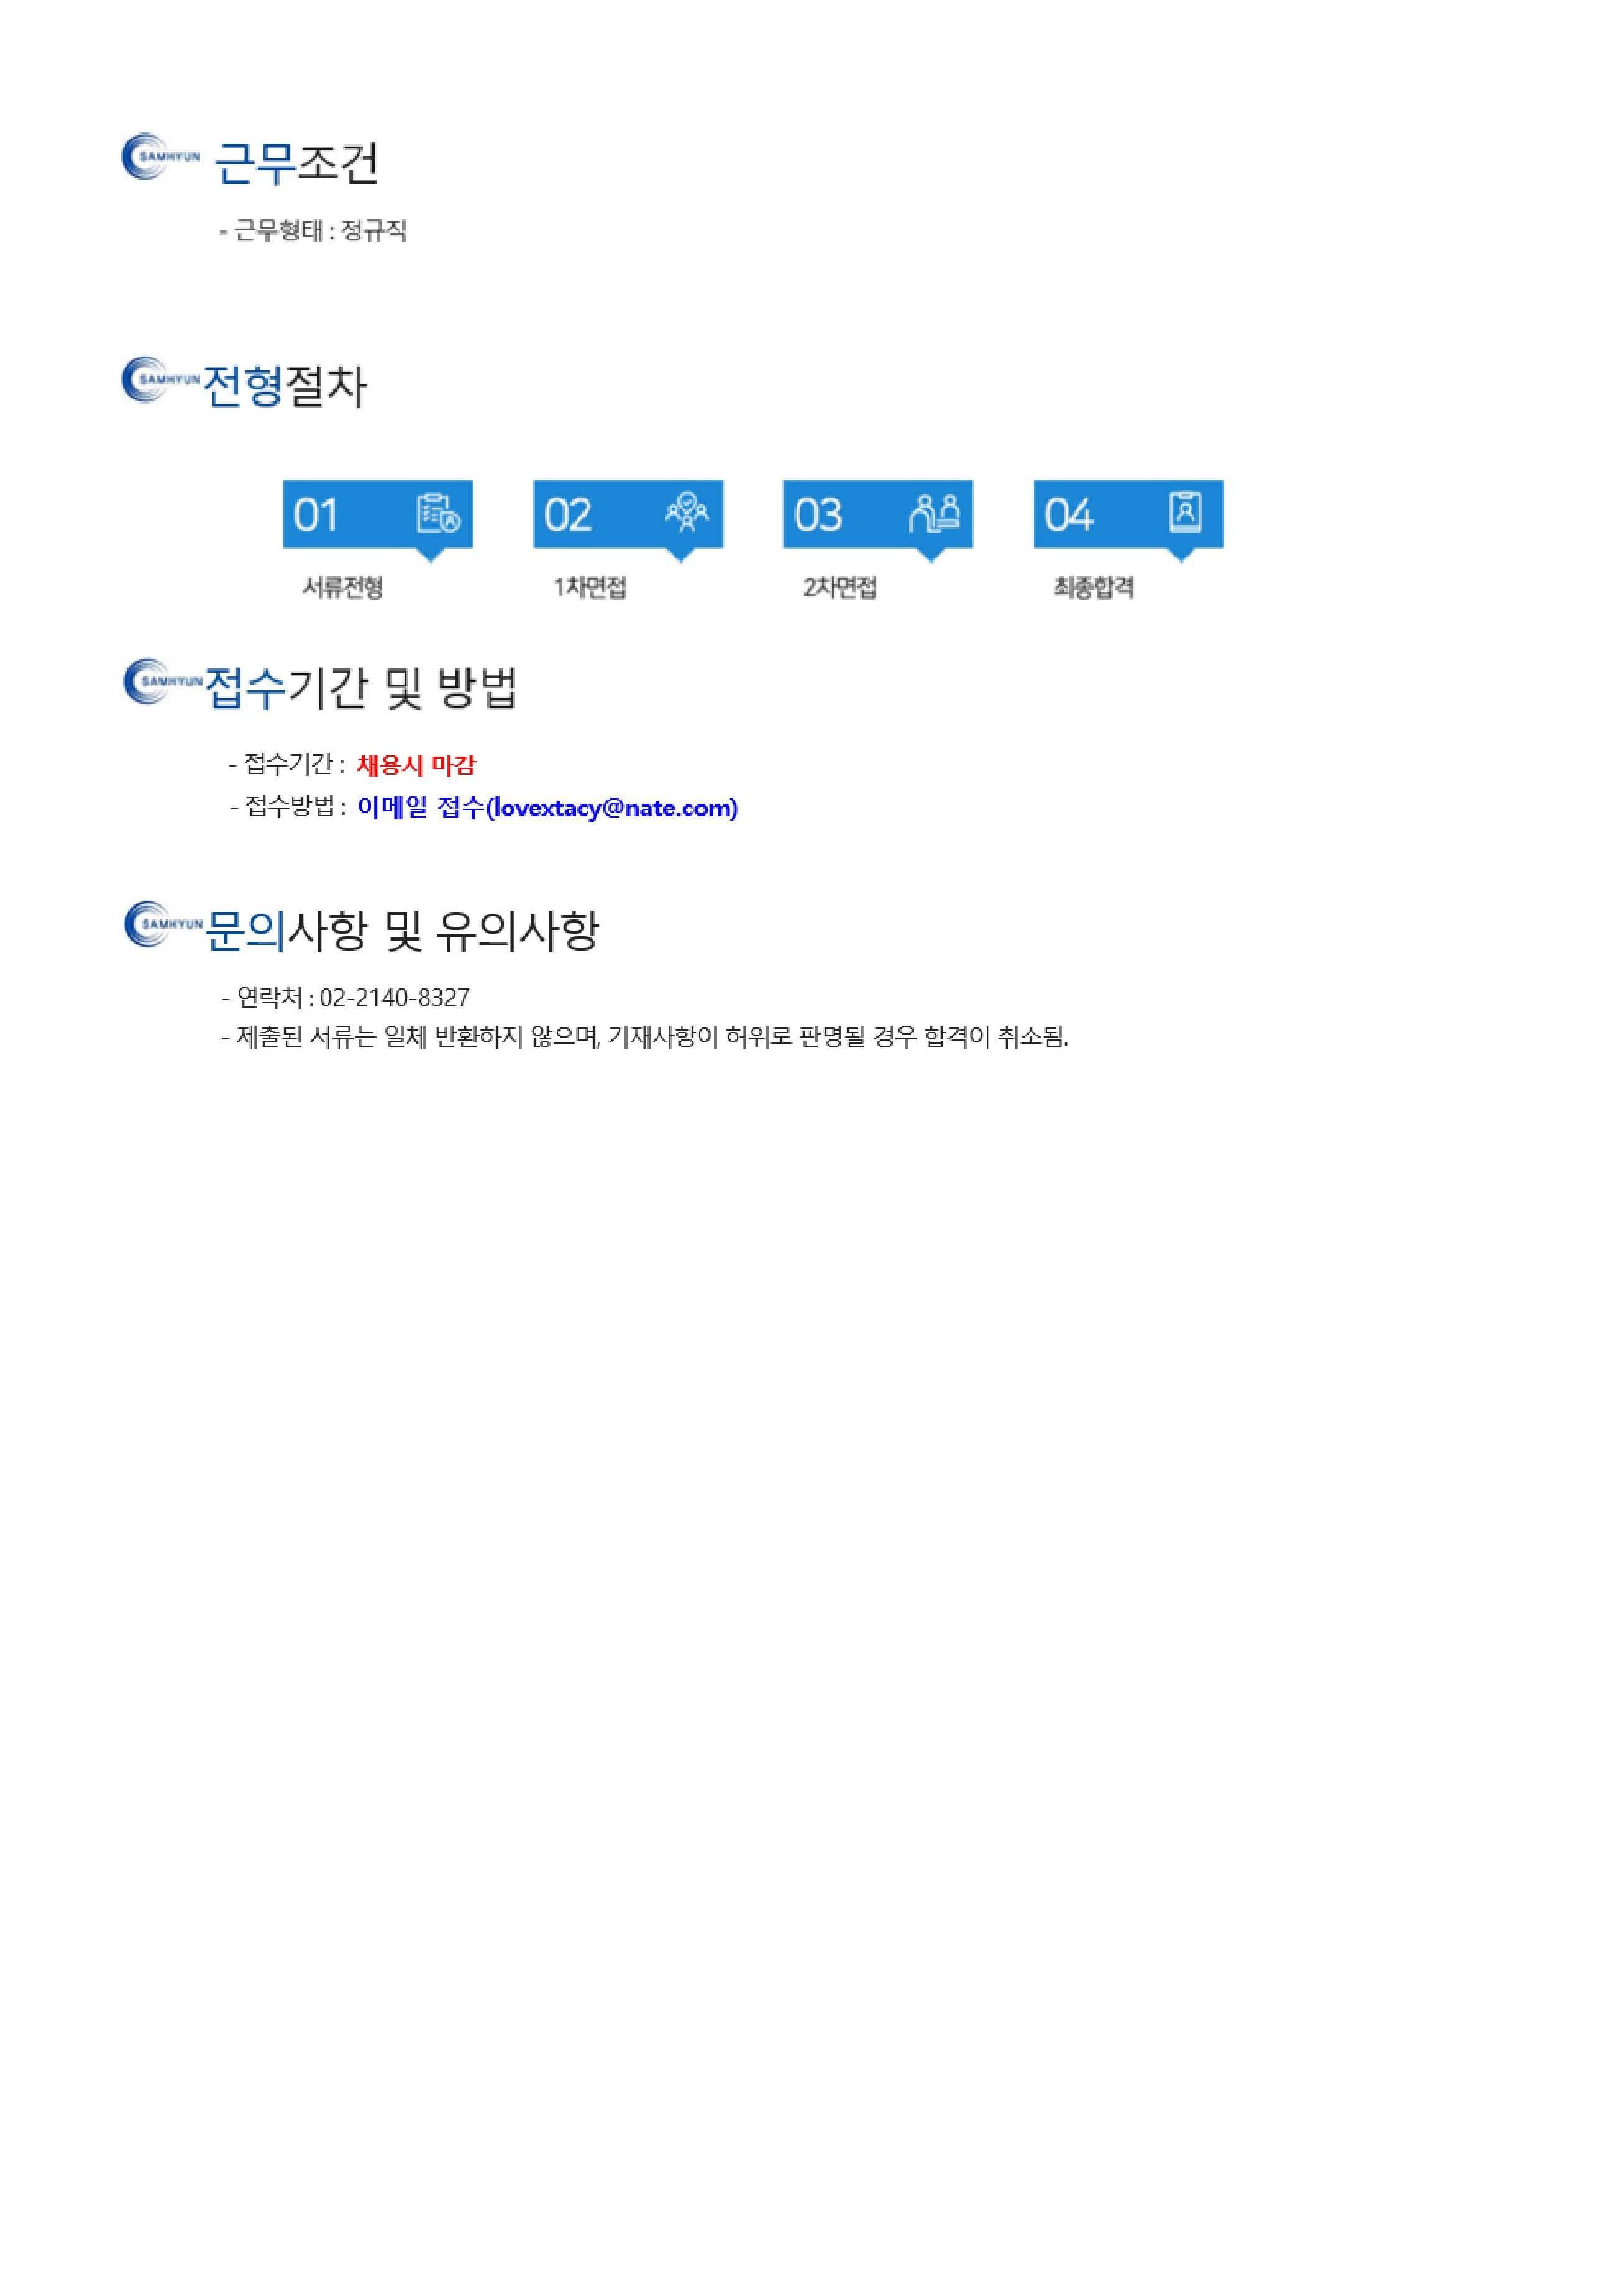 ㈜삼현피에프 2021년 모집공고(토목분야)_페이지_2.jpg